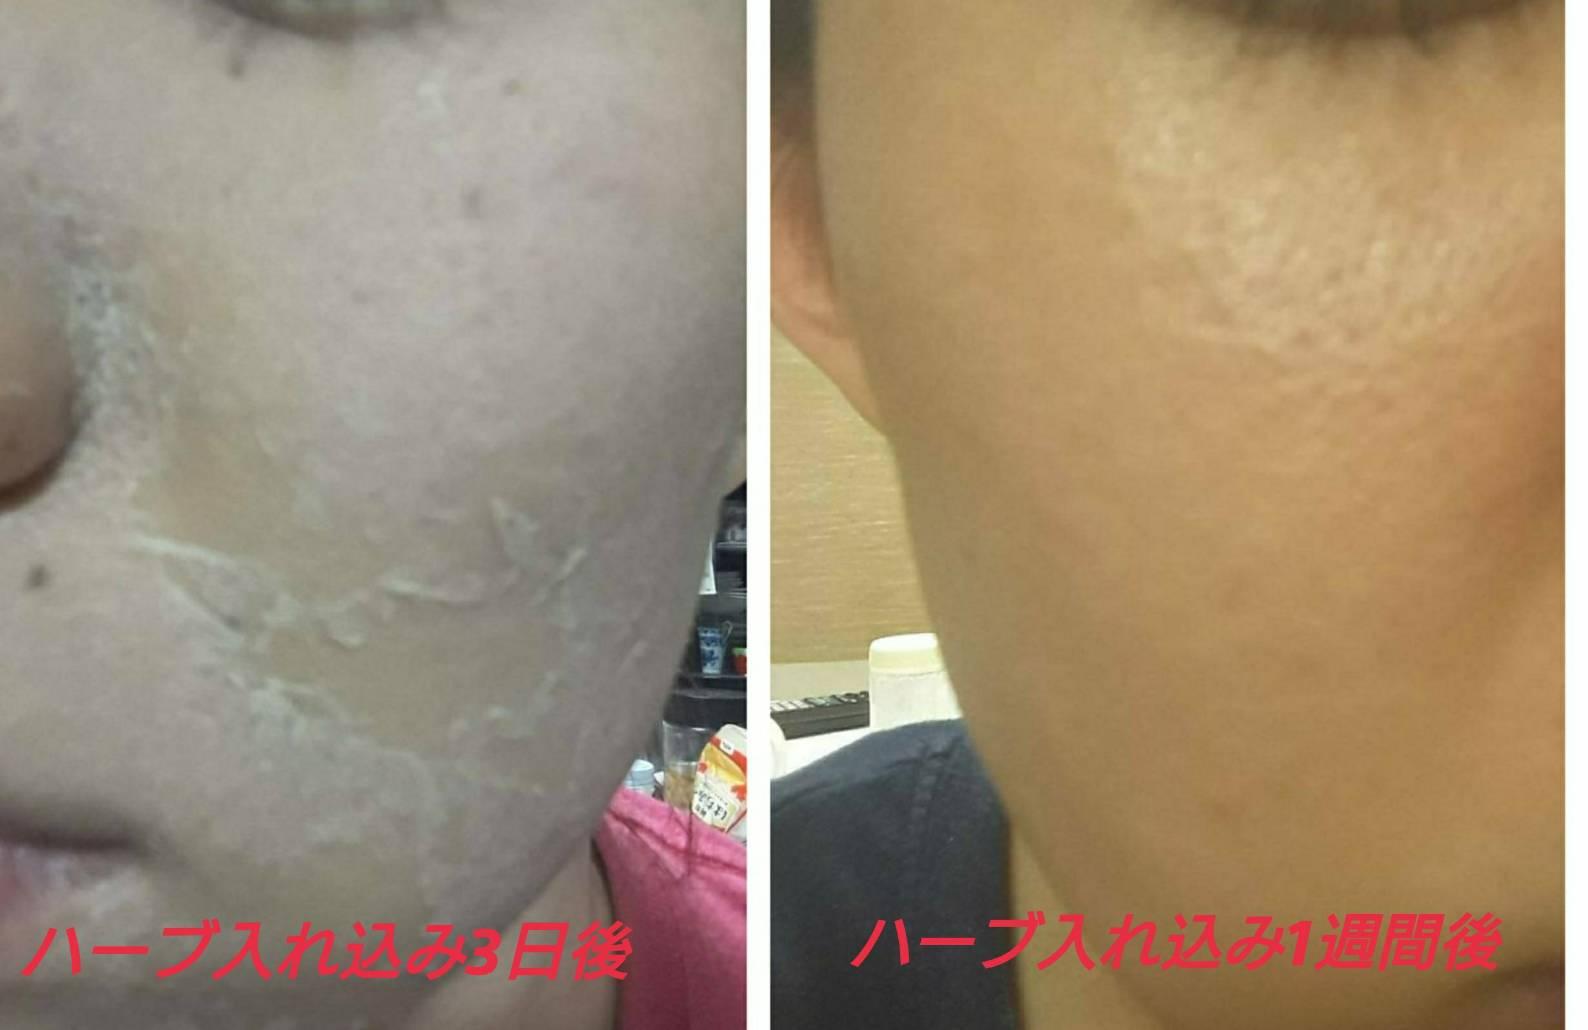 【ニキビ改善・美肌再生】TIPハーブピーリング